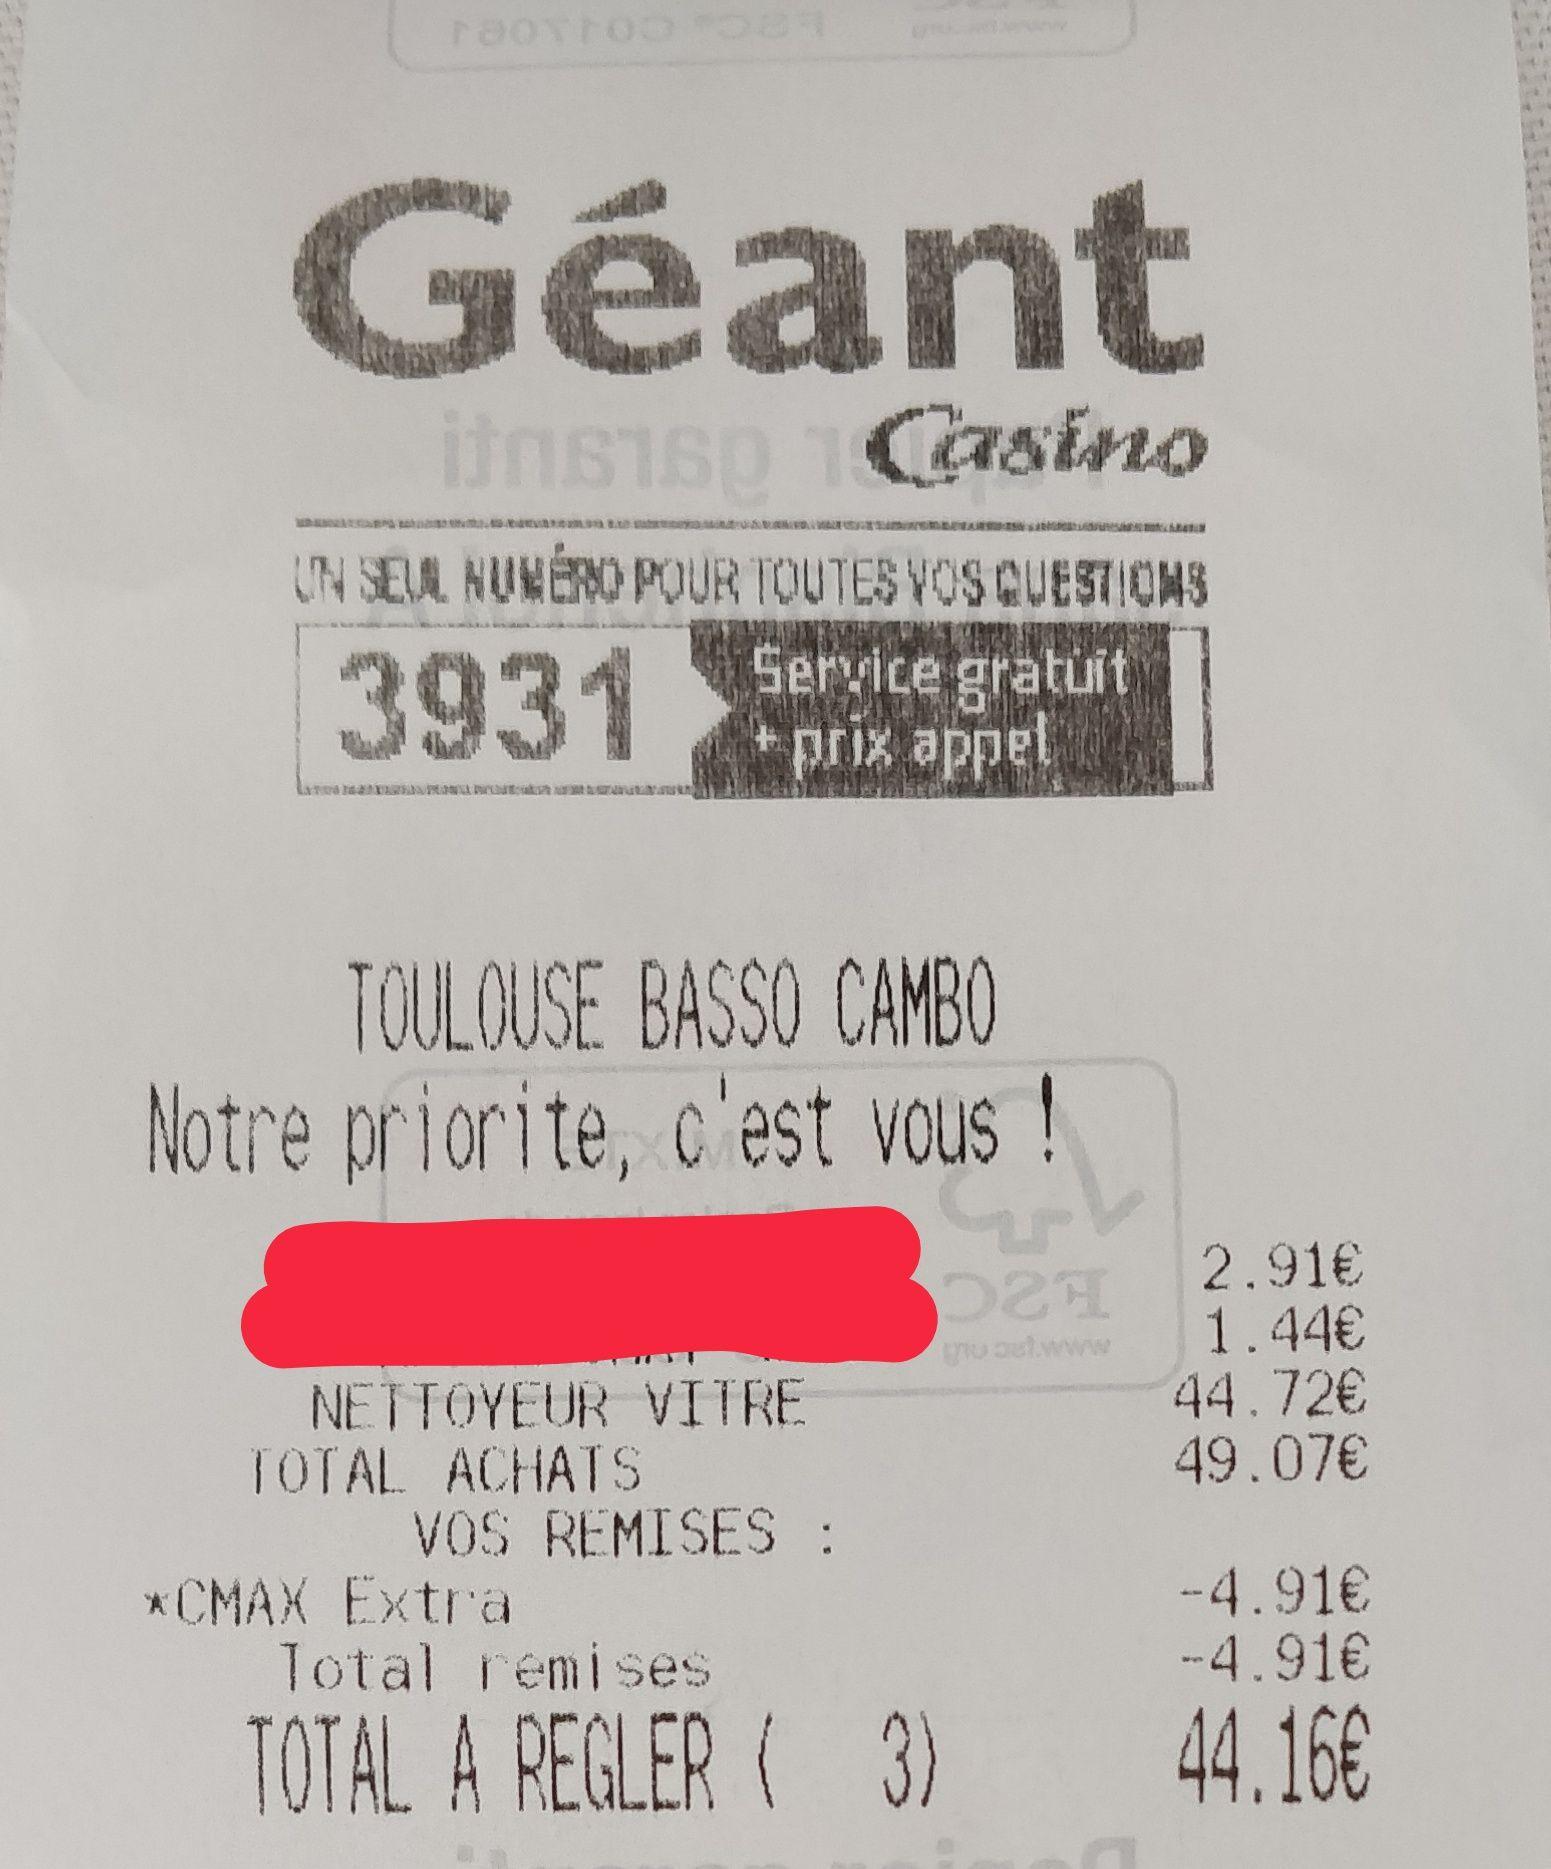 2124163.jpg